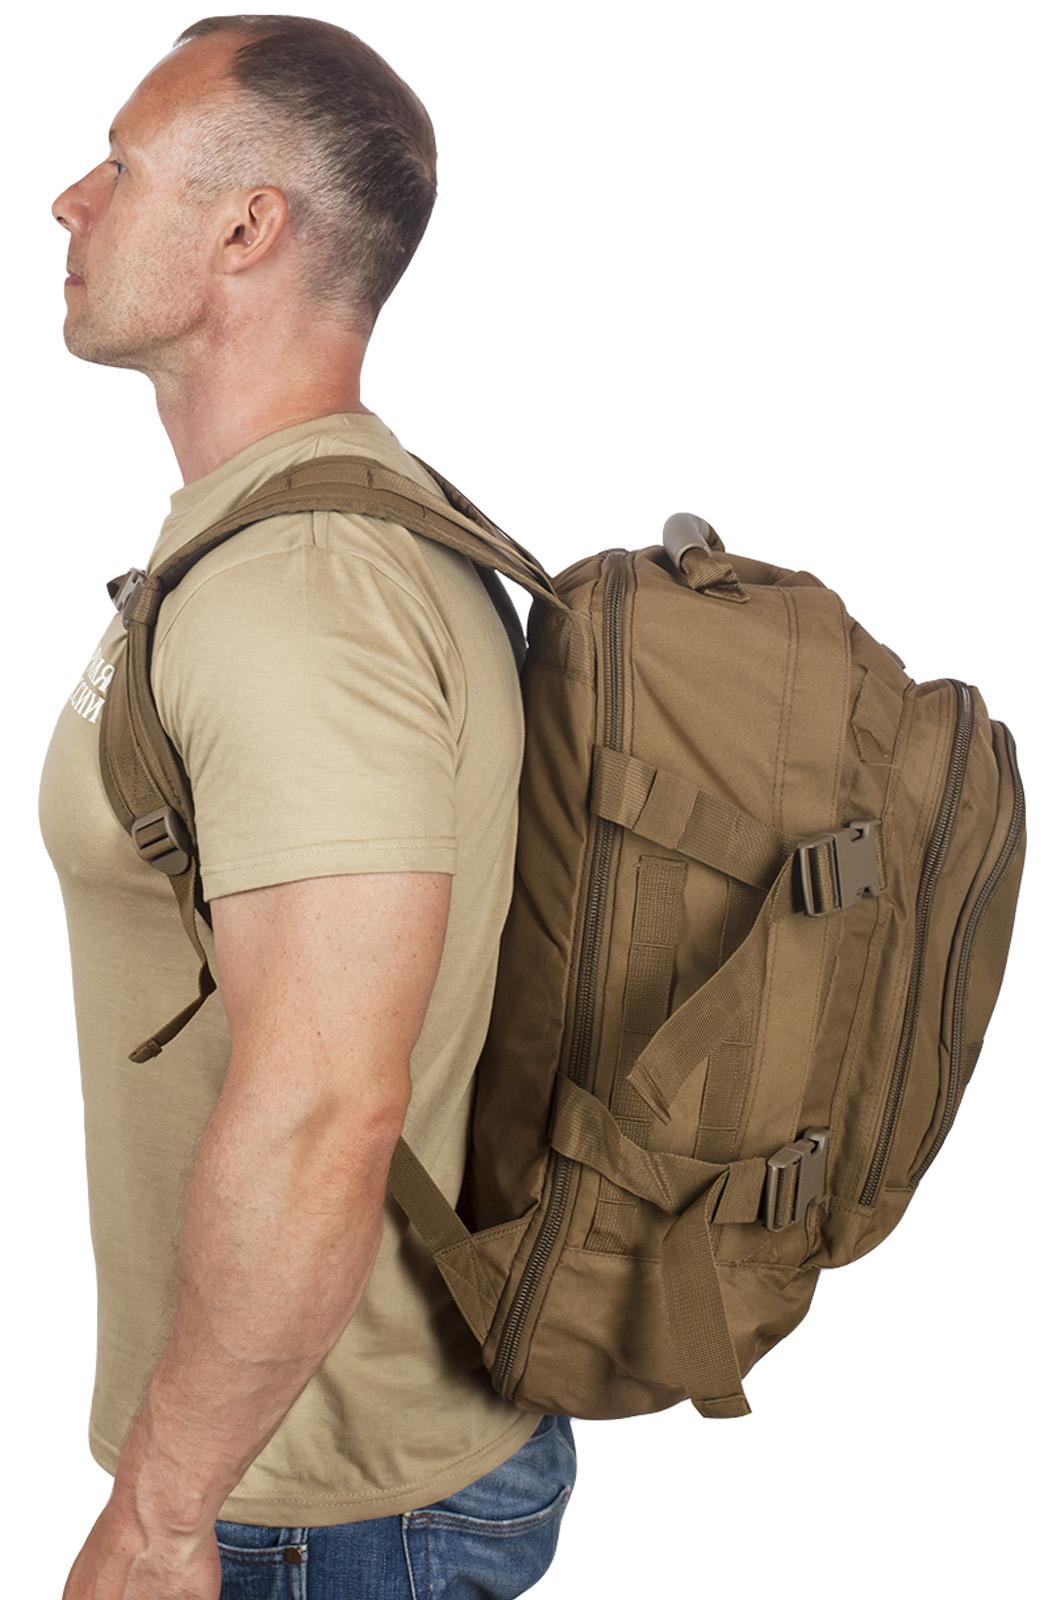 Мужской рюкзак для охотника с нашивкой Ни Пуха ни Пера - купить в подарок